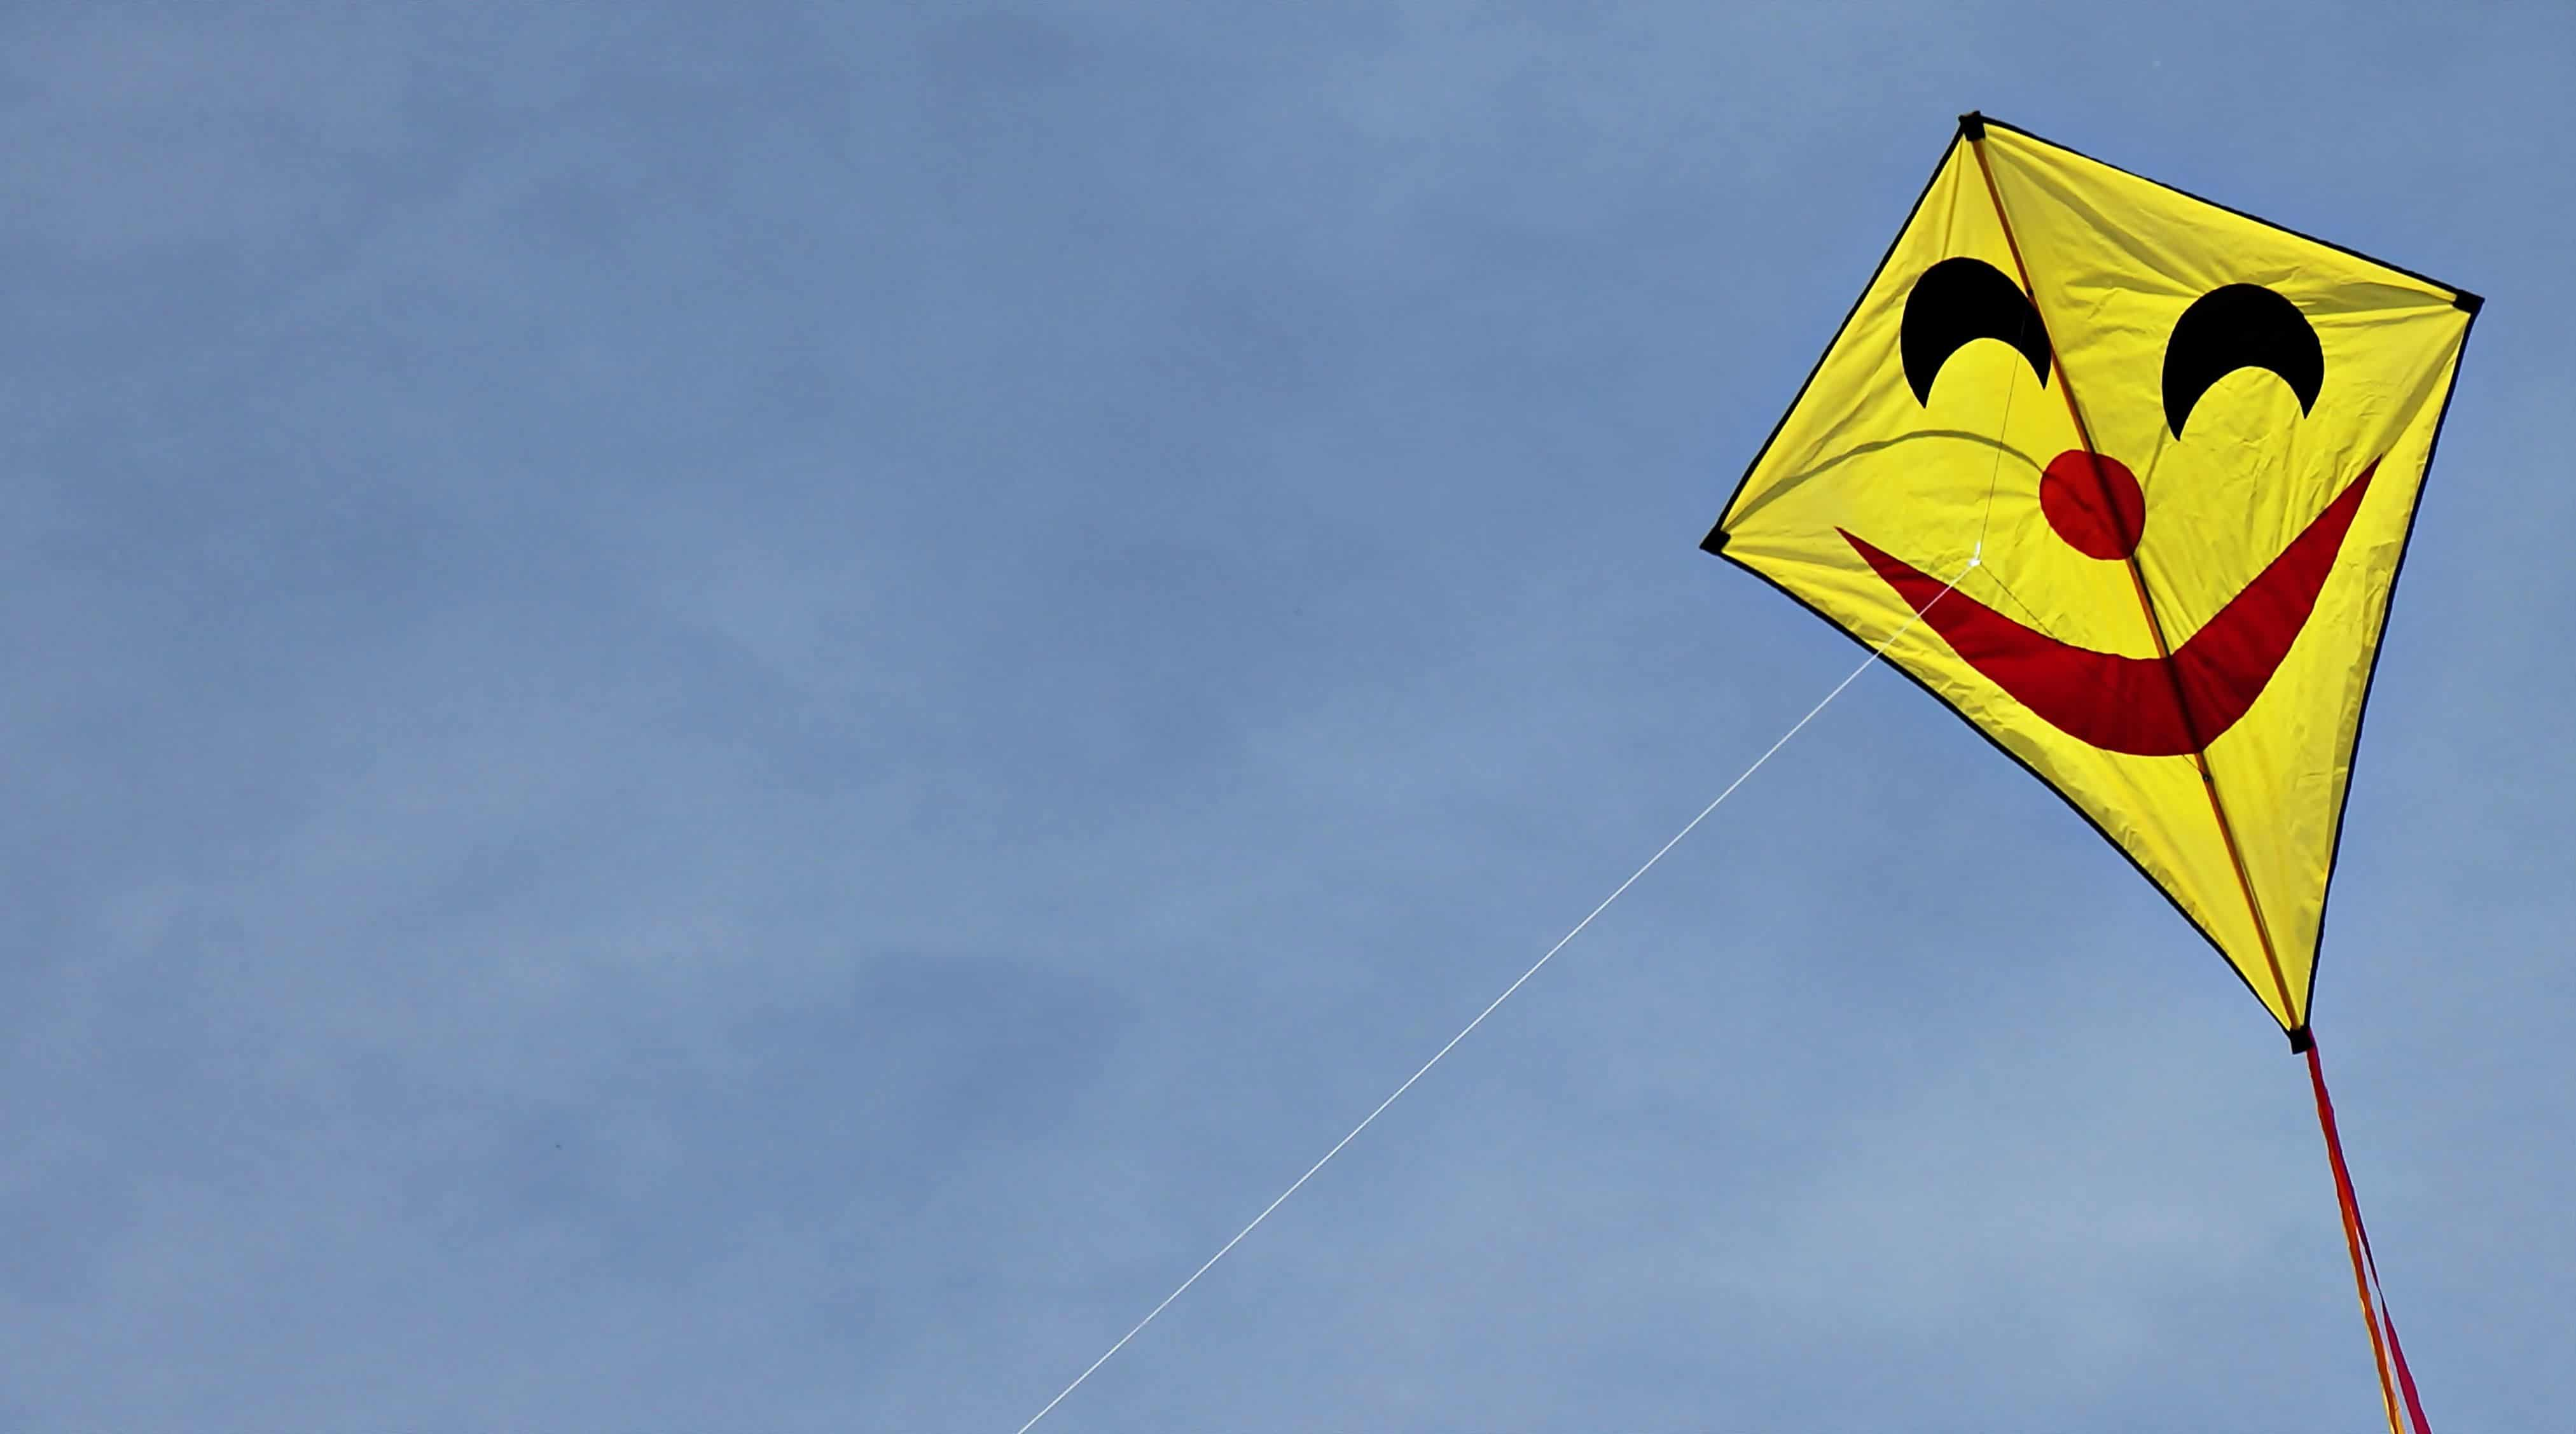 Imagen gratis: Dragón al aire libre, de cometa amarillo, azul cielo ...